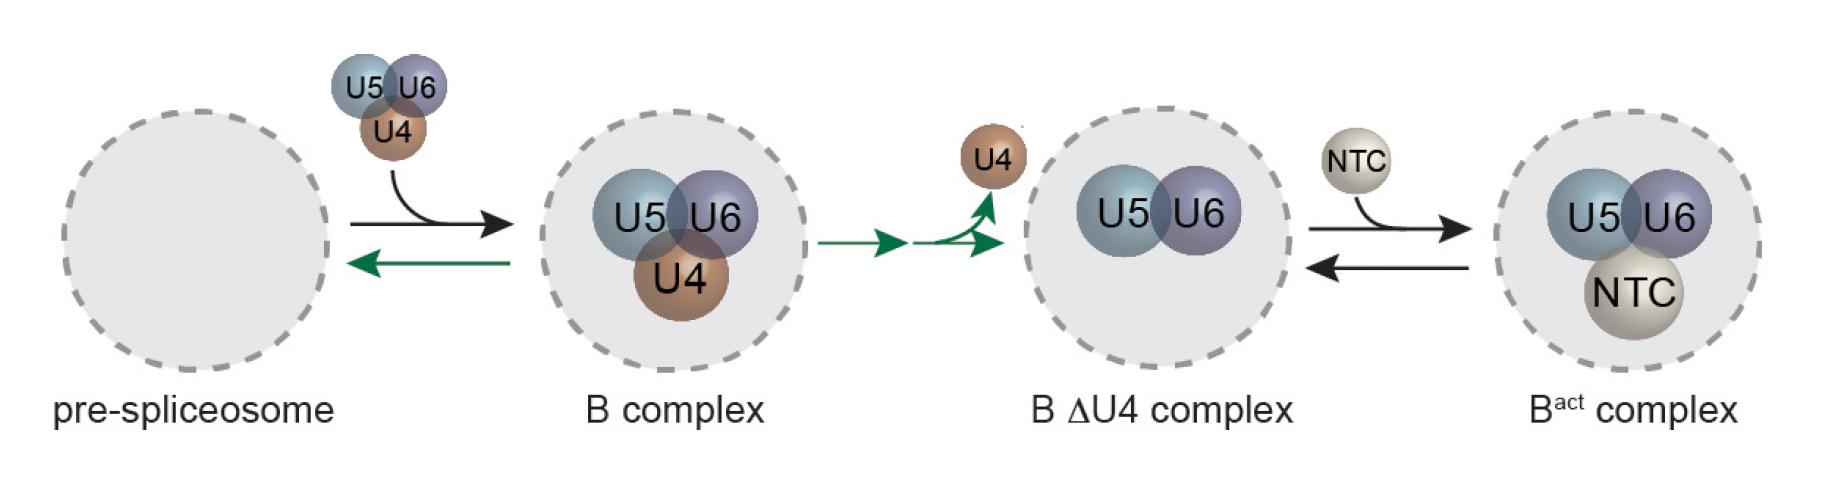 Predominant spliceosome activation pathway